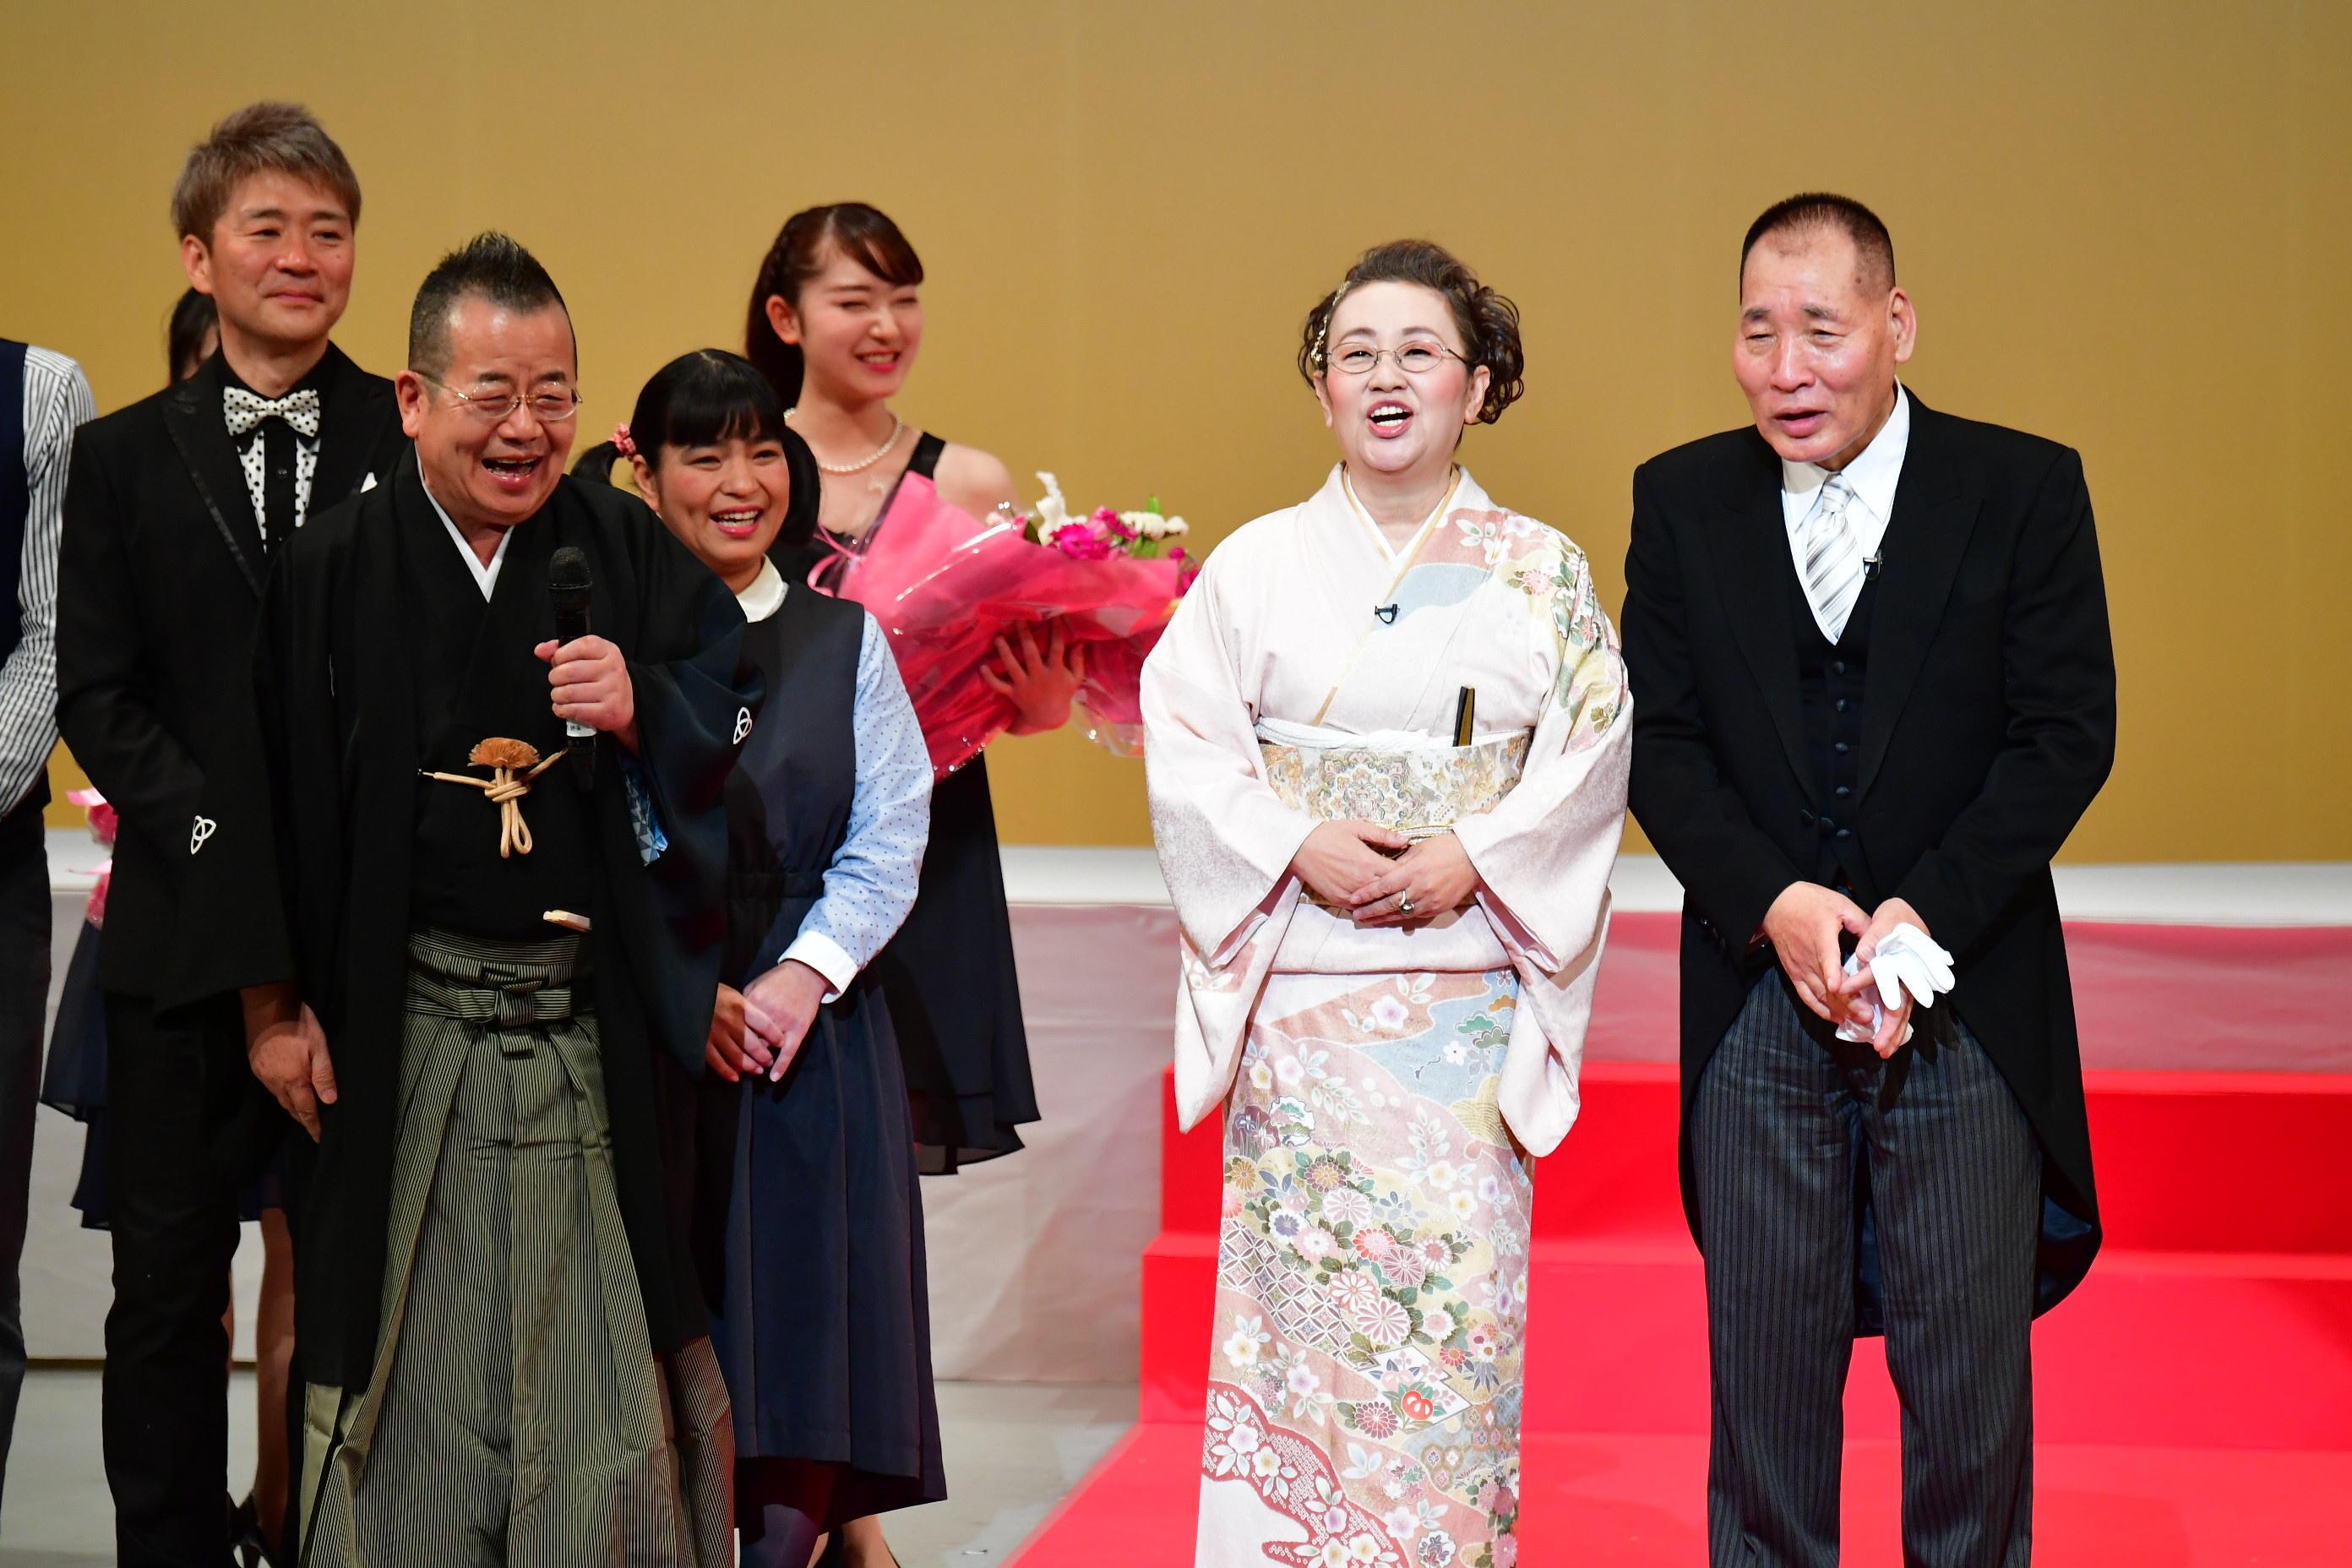 http://news.yoshimoto.co.jp/20180402071030-a0de1ae10d92a60c6c7d06f960a7c86d12e5e422.jpg